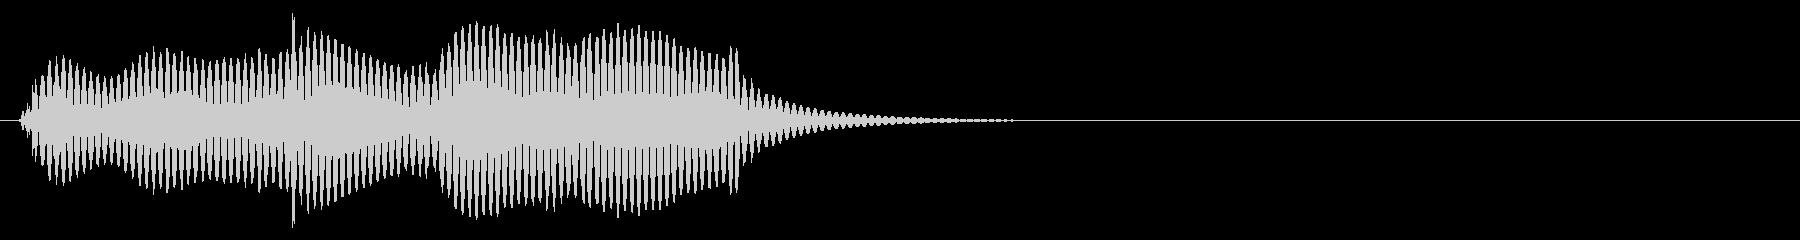 ゴゴ ゴロゴロ 重い何かを動かす音の未再生の波形